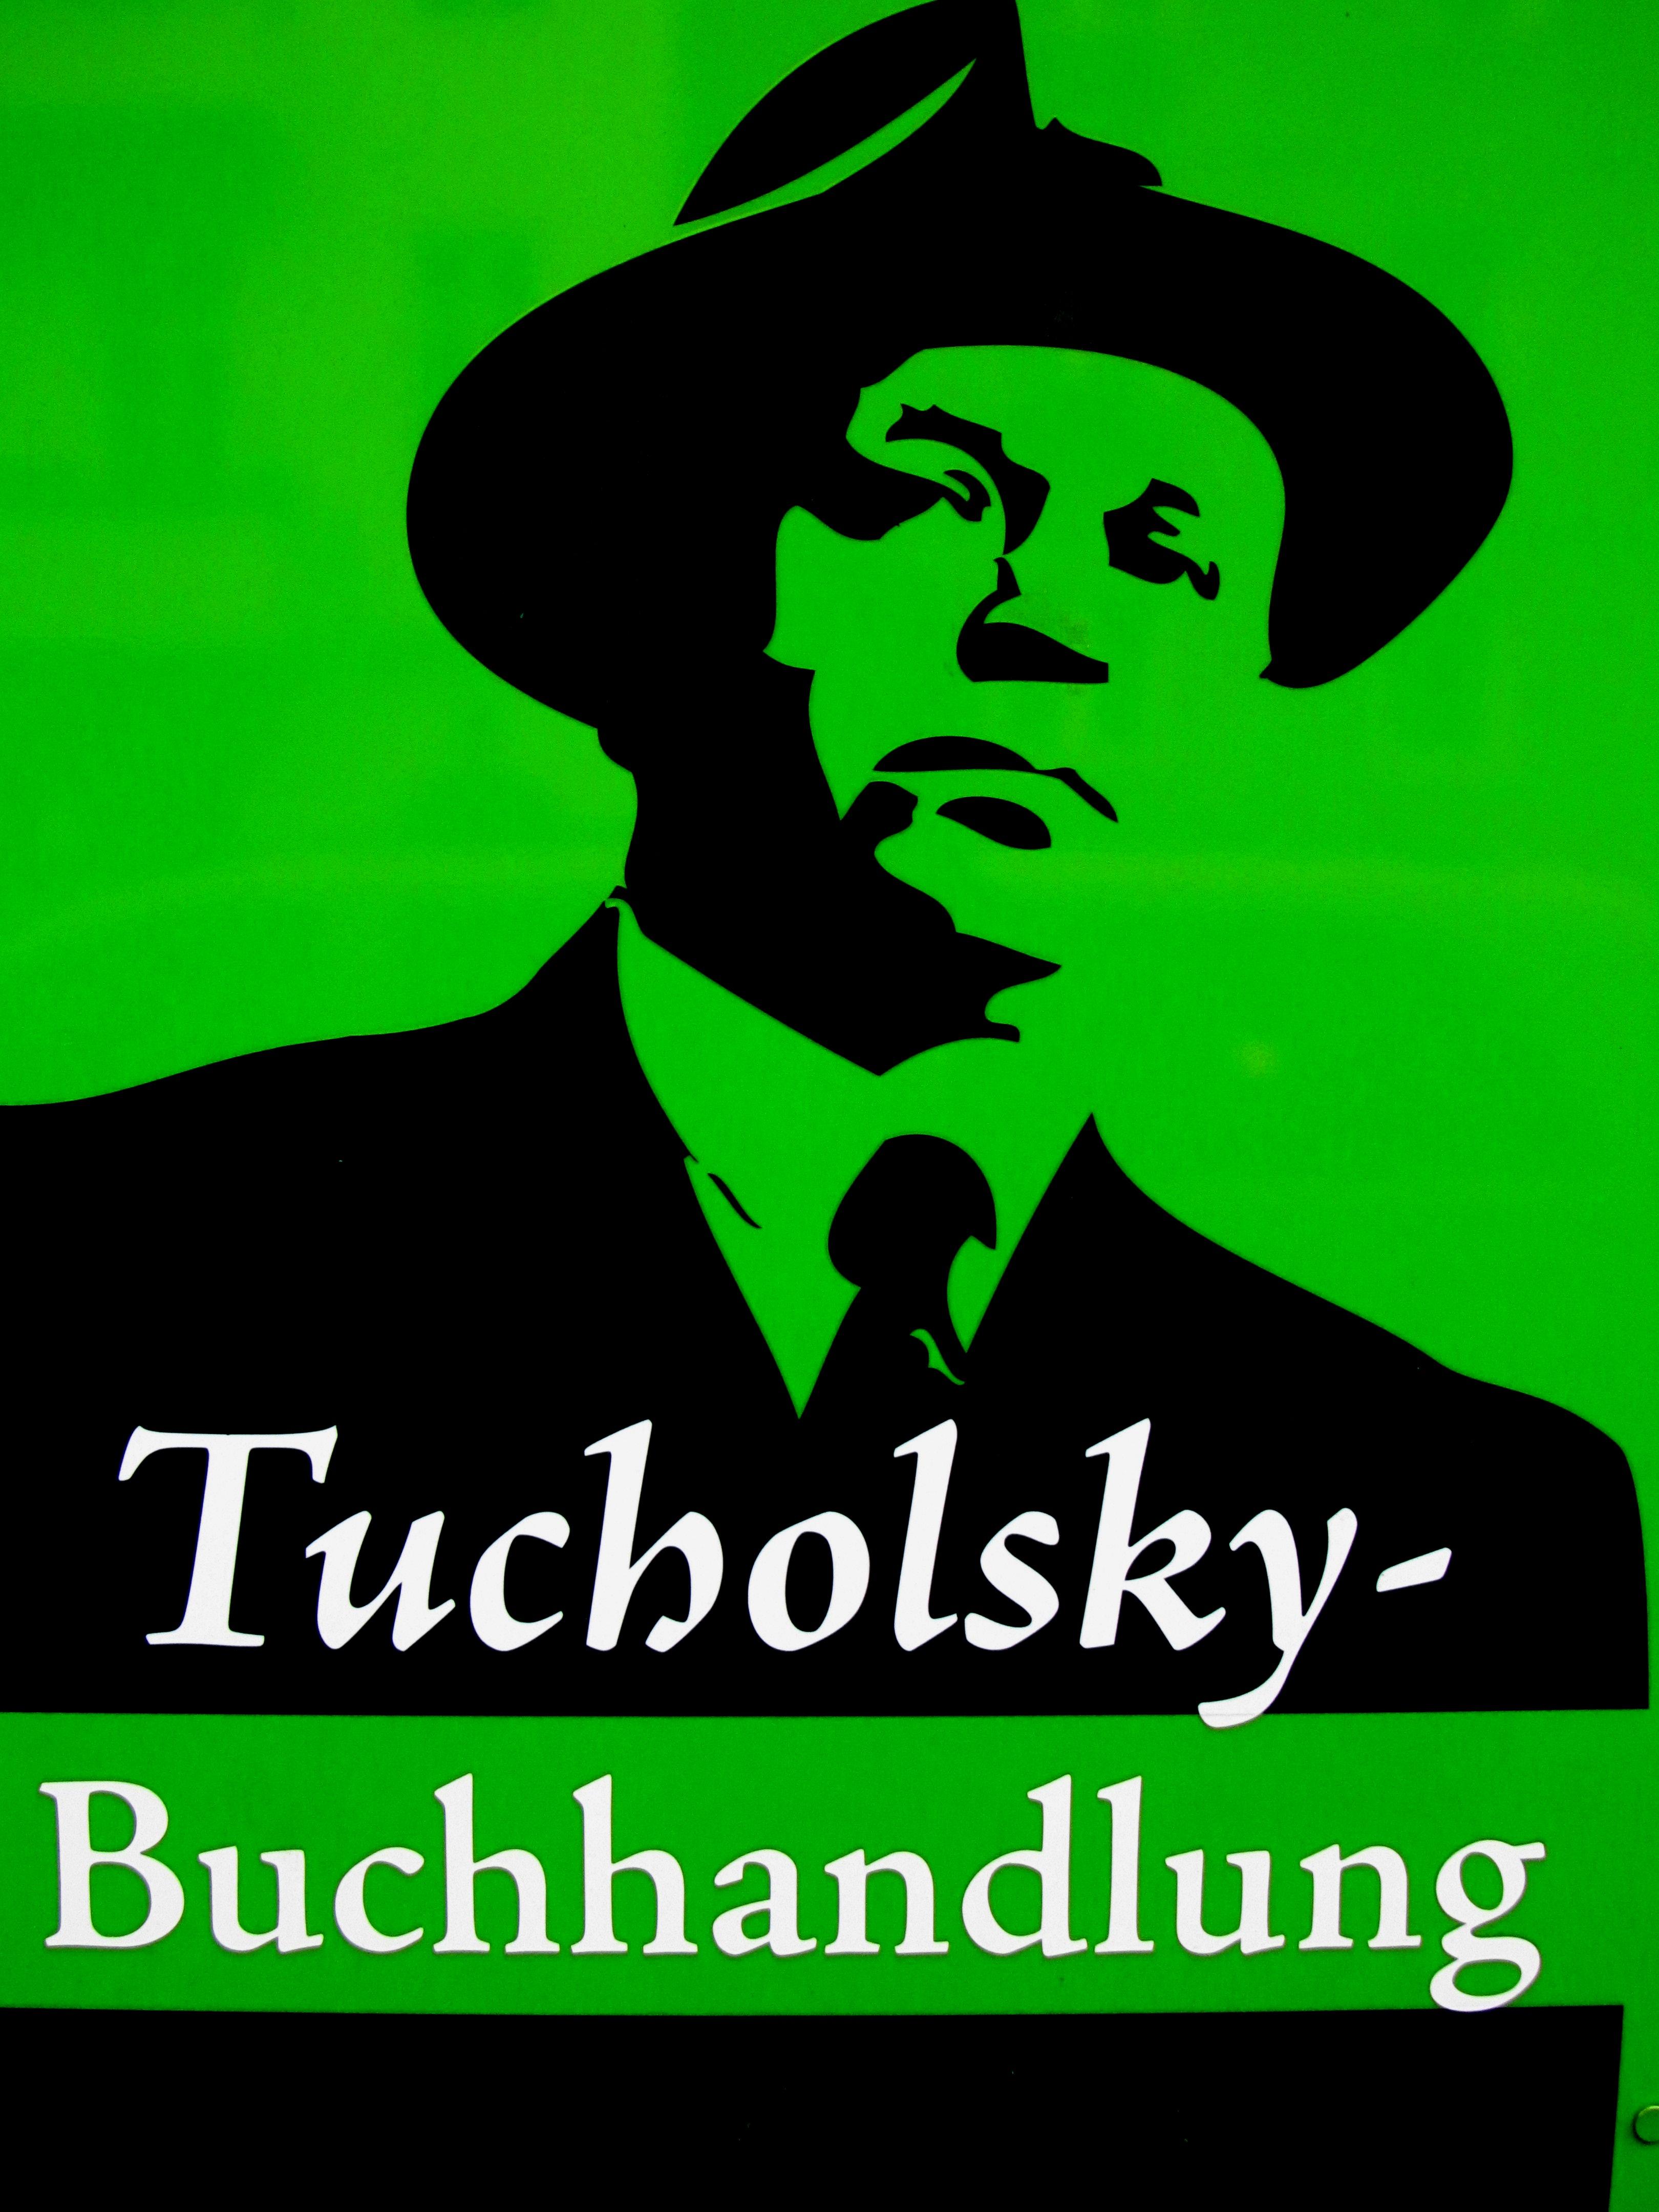 Tucholsky-Buchhandlung